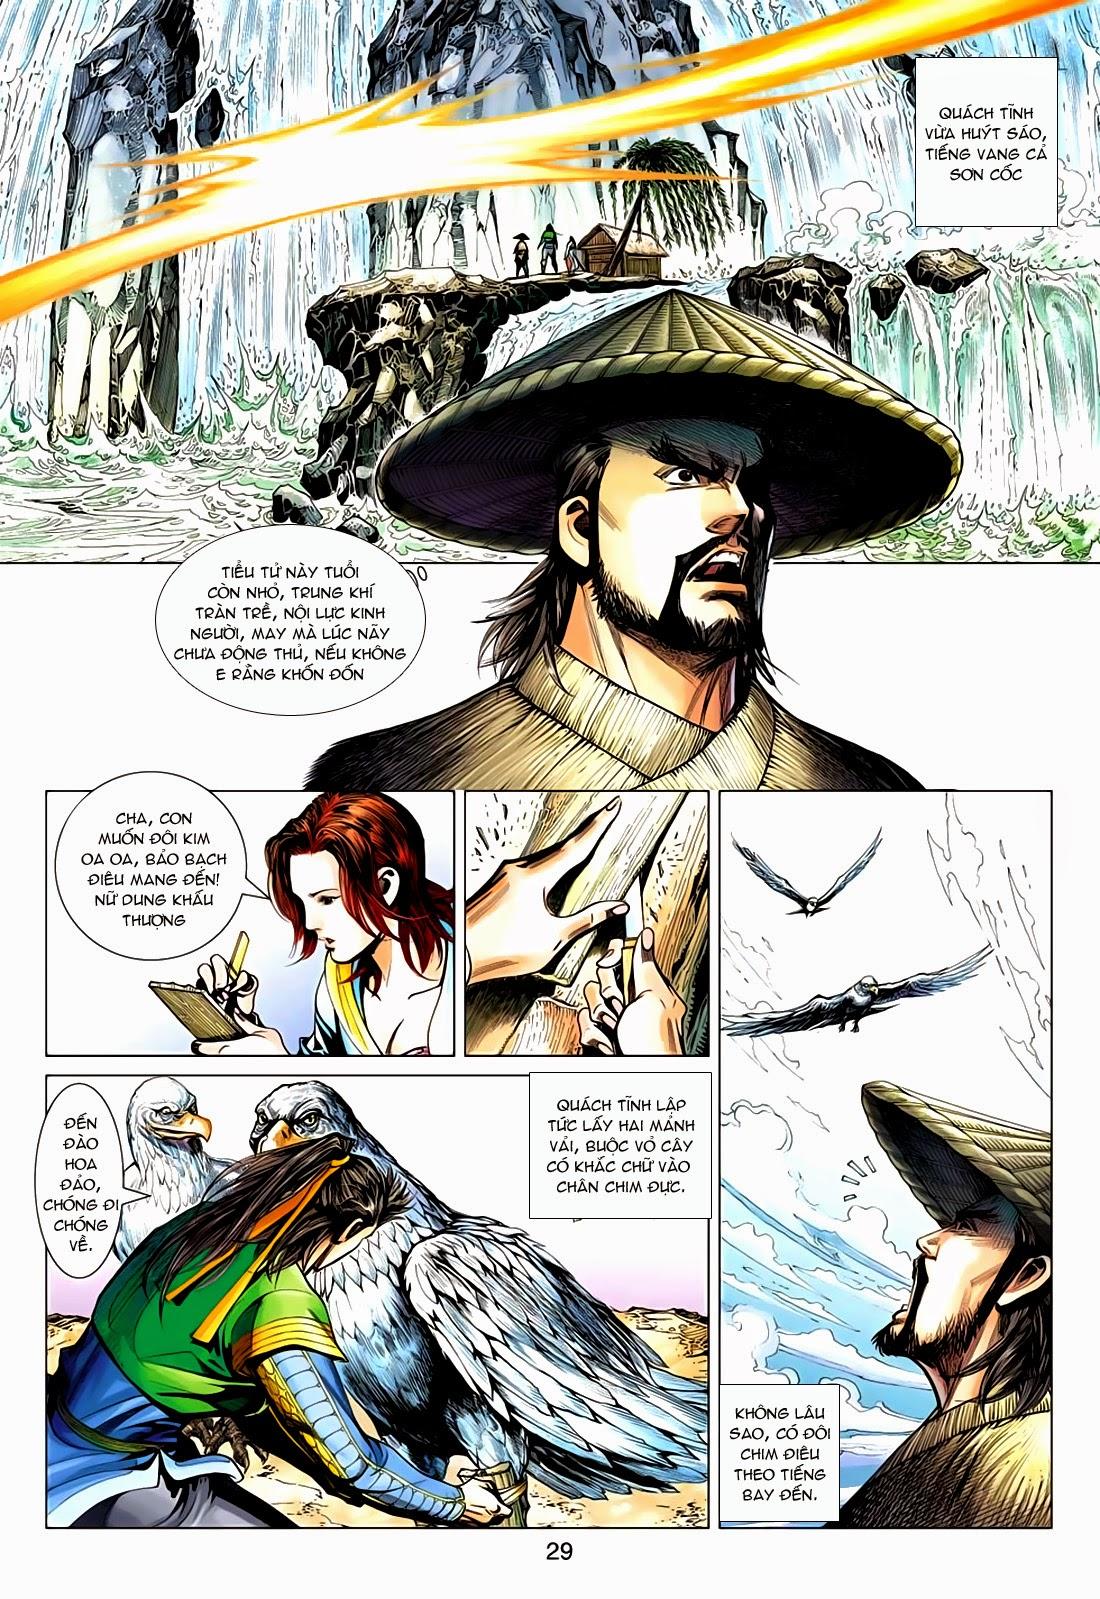 xem truyen moi - Anh Hùng Xạ Điêu - Chapter 71: Tầm Y